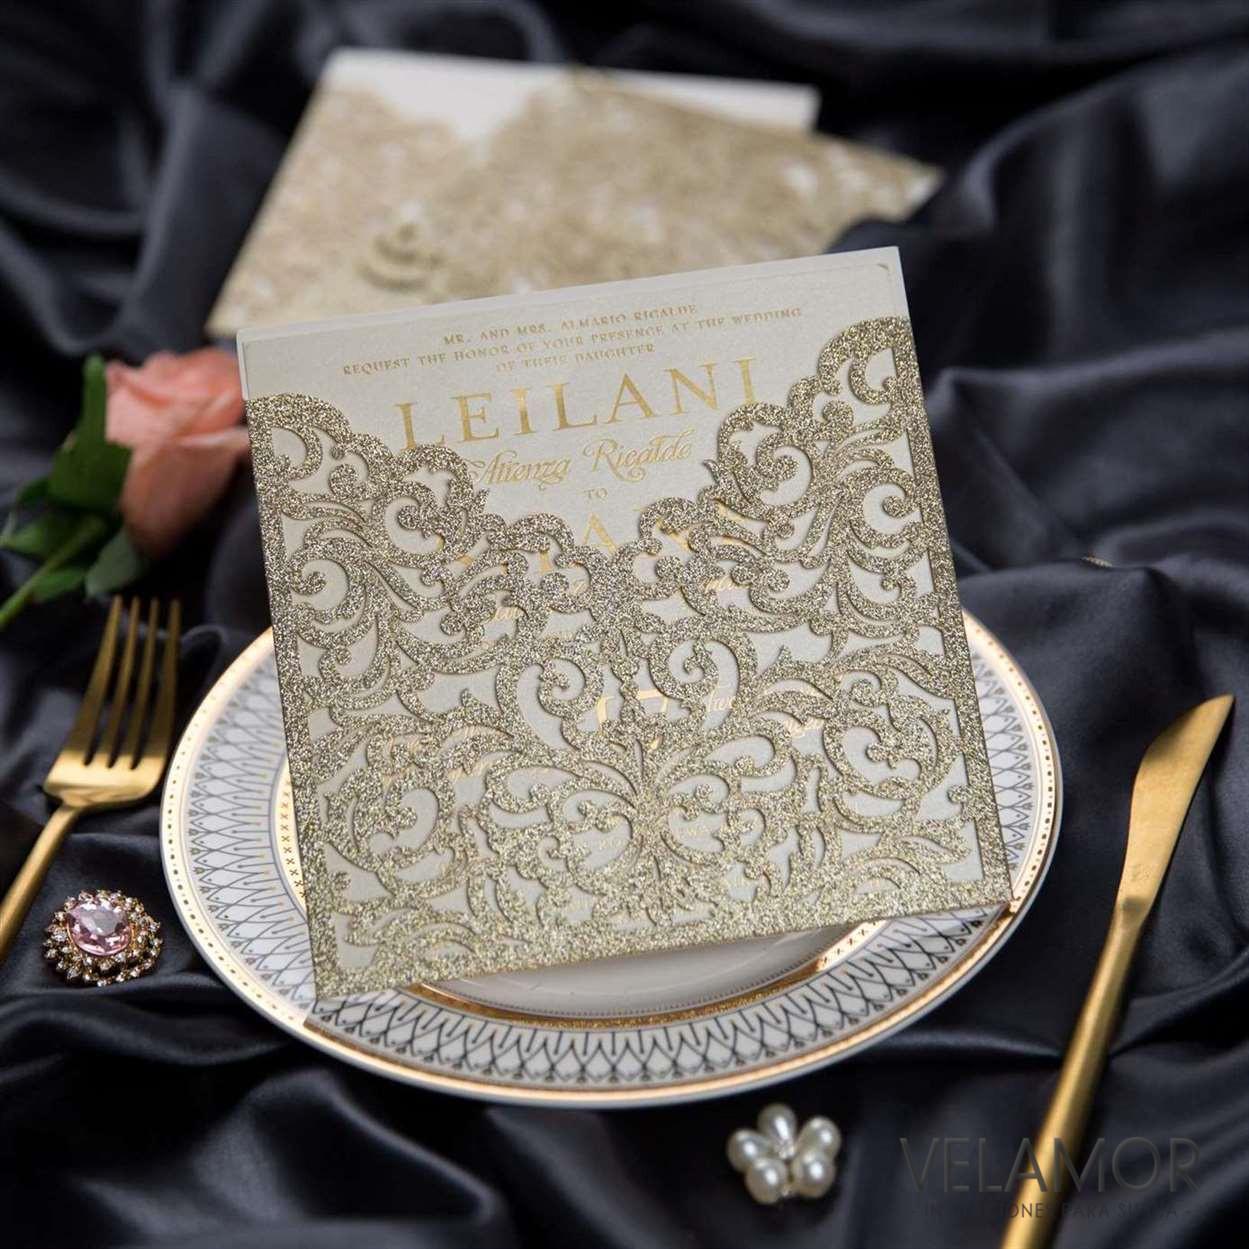 elegante invitacion para boda wpl0070 en papel brillante wpl0070g 1 20 mayoreo de elegante invitacion para boda wpl0070 en papel brillante wpl0070g 1 20 mayoreo de